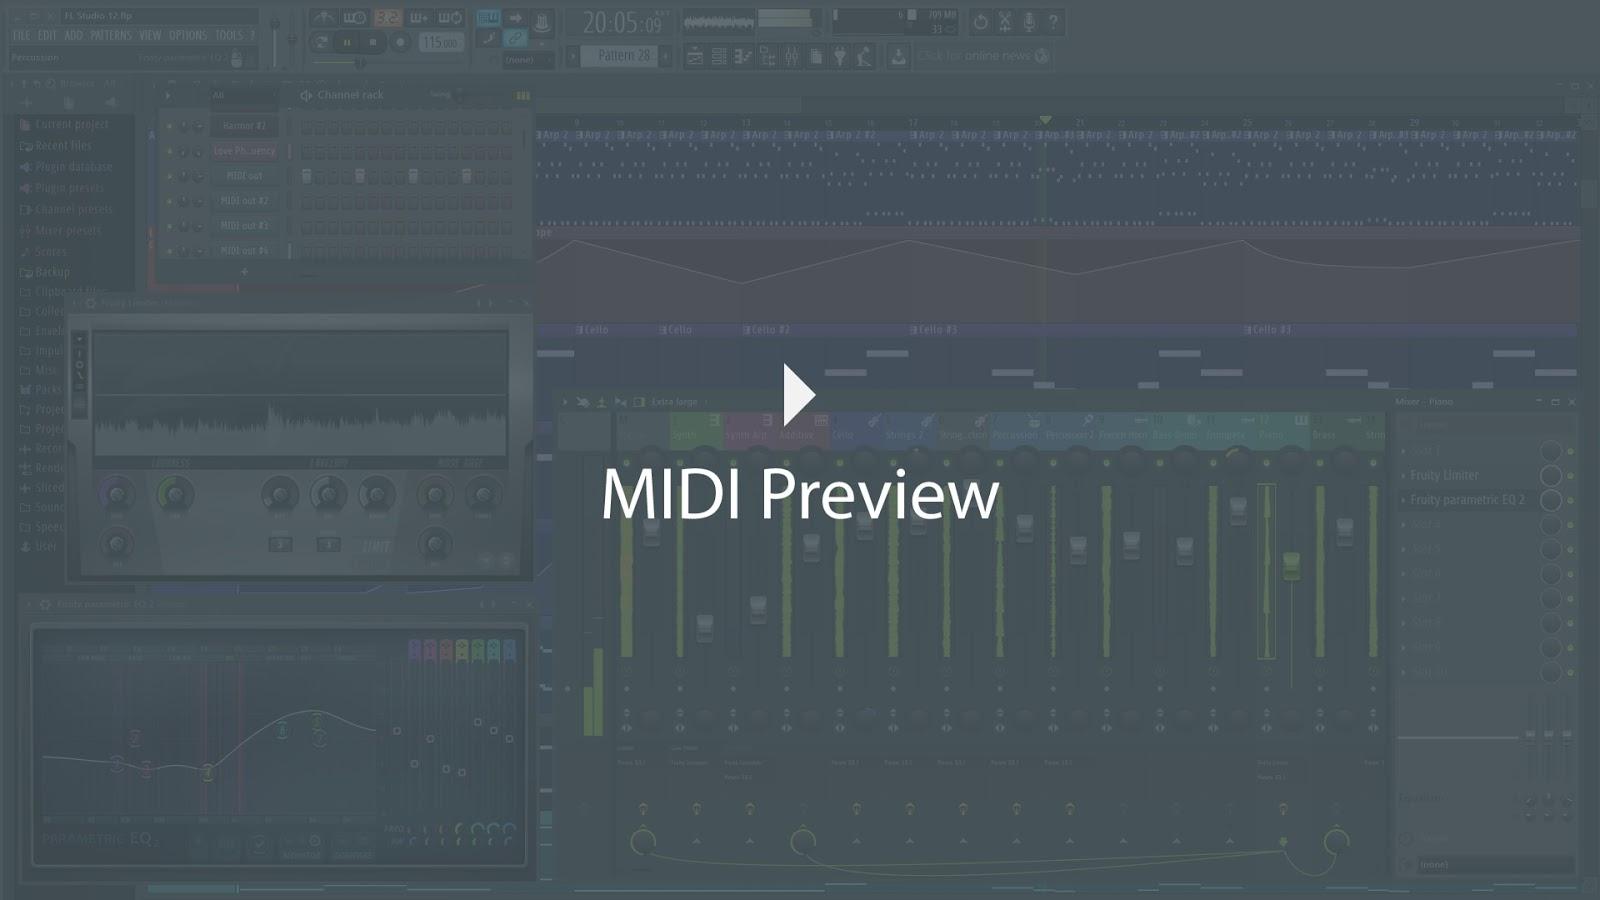 cymatics-fl studio 20-midi preview